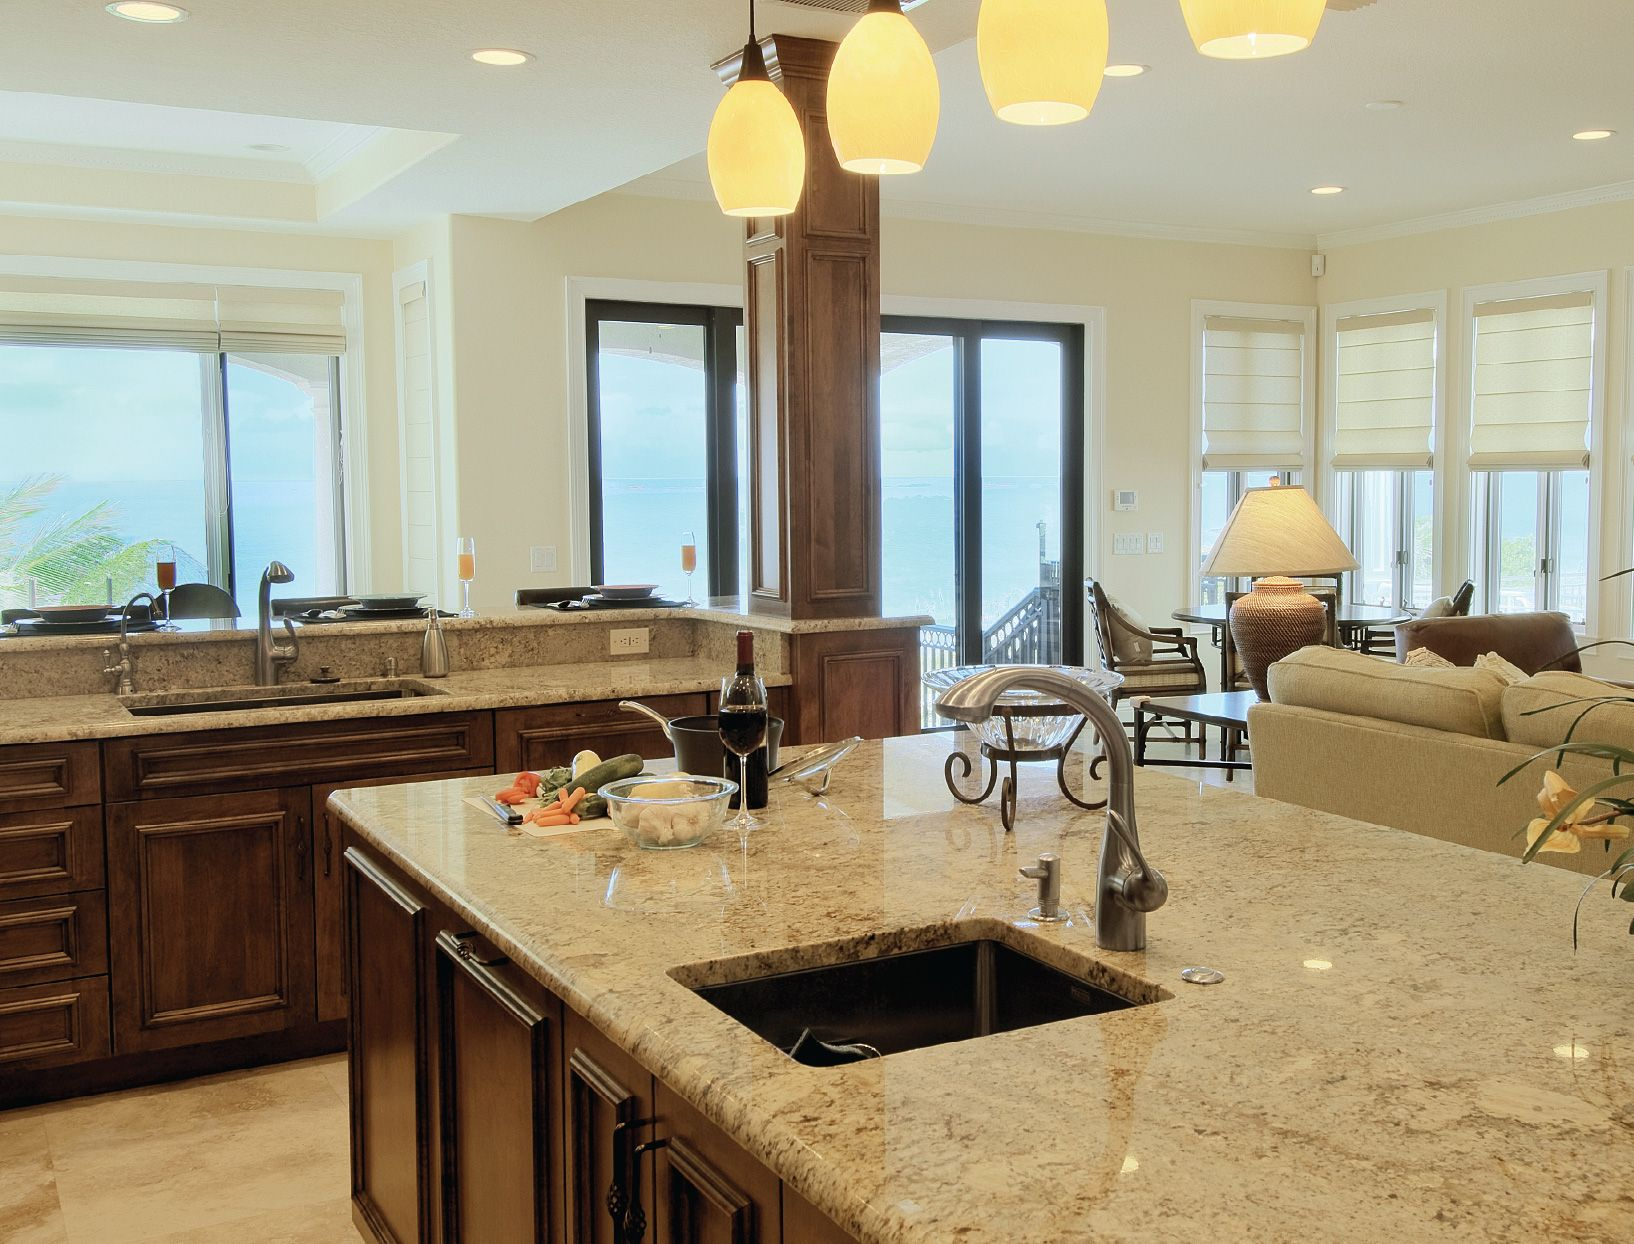 open floor plan kitchen Flooring Ideas For Living Room And Kitchen Open Floor Plan Kitchen